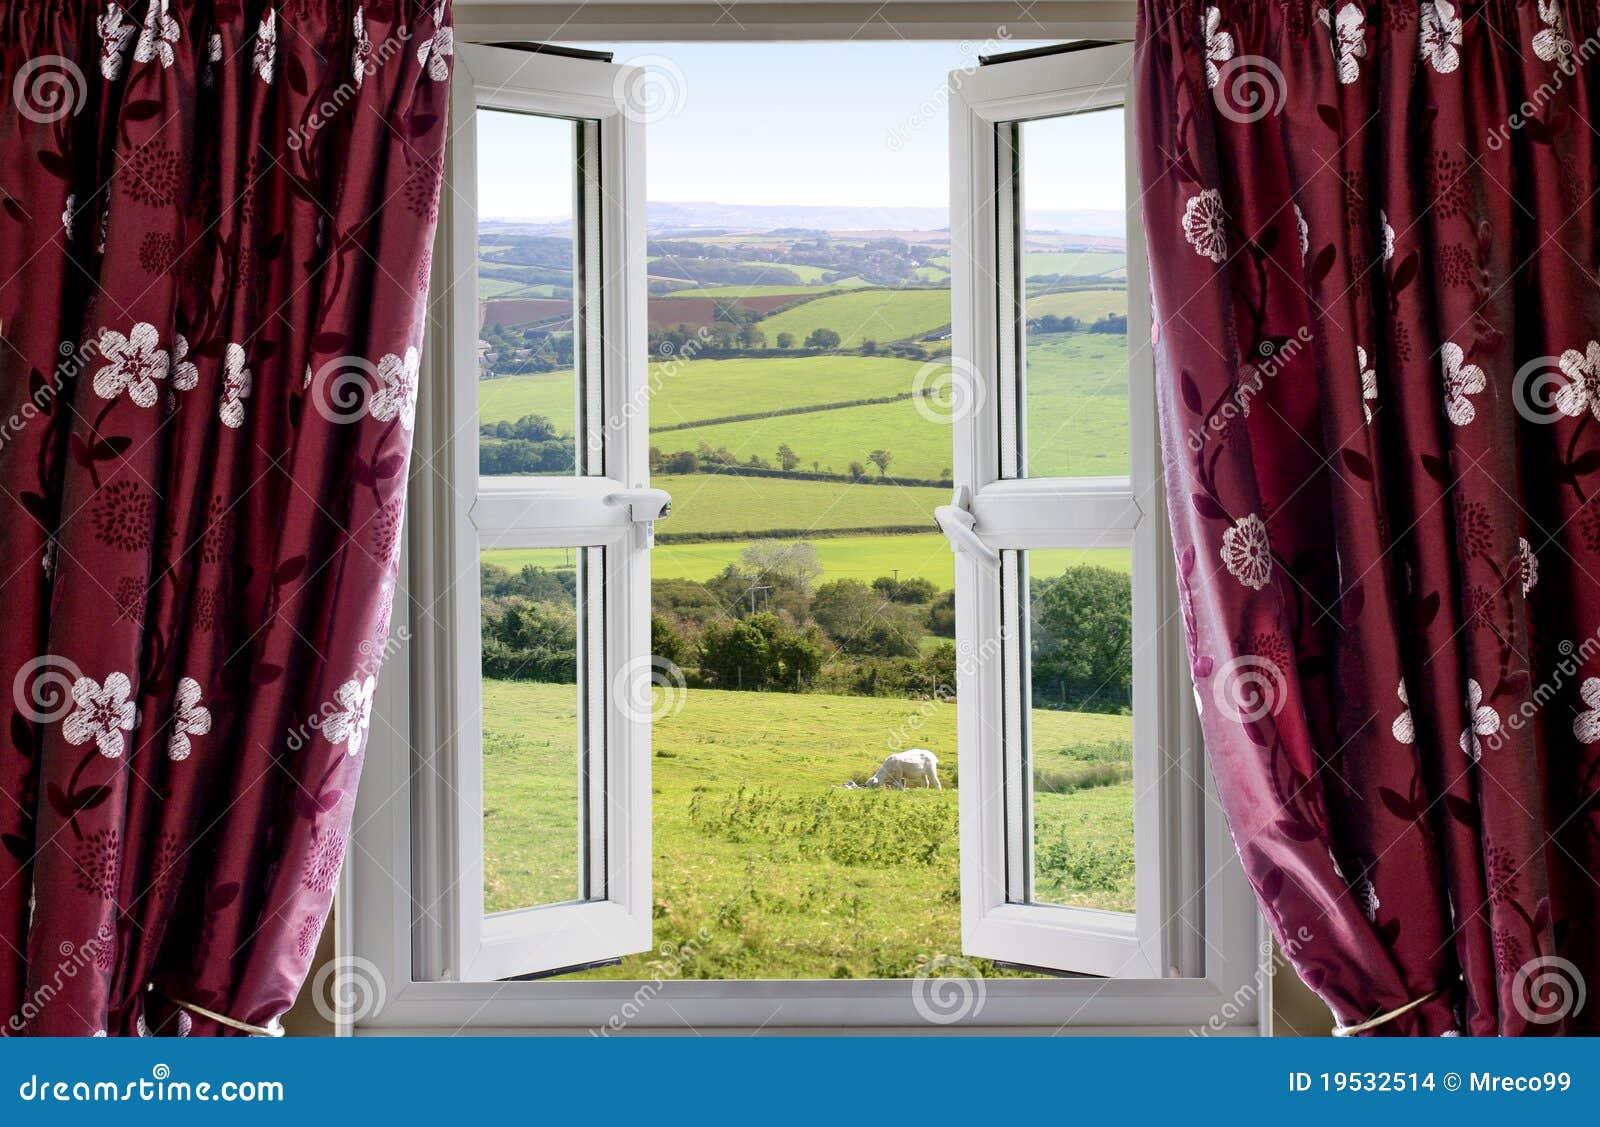 Finestra aperta con una vista rurale fotografia stock for Disegno di finestra aperta